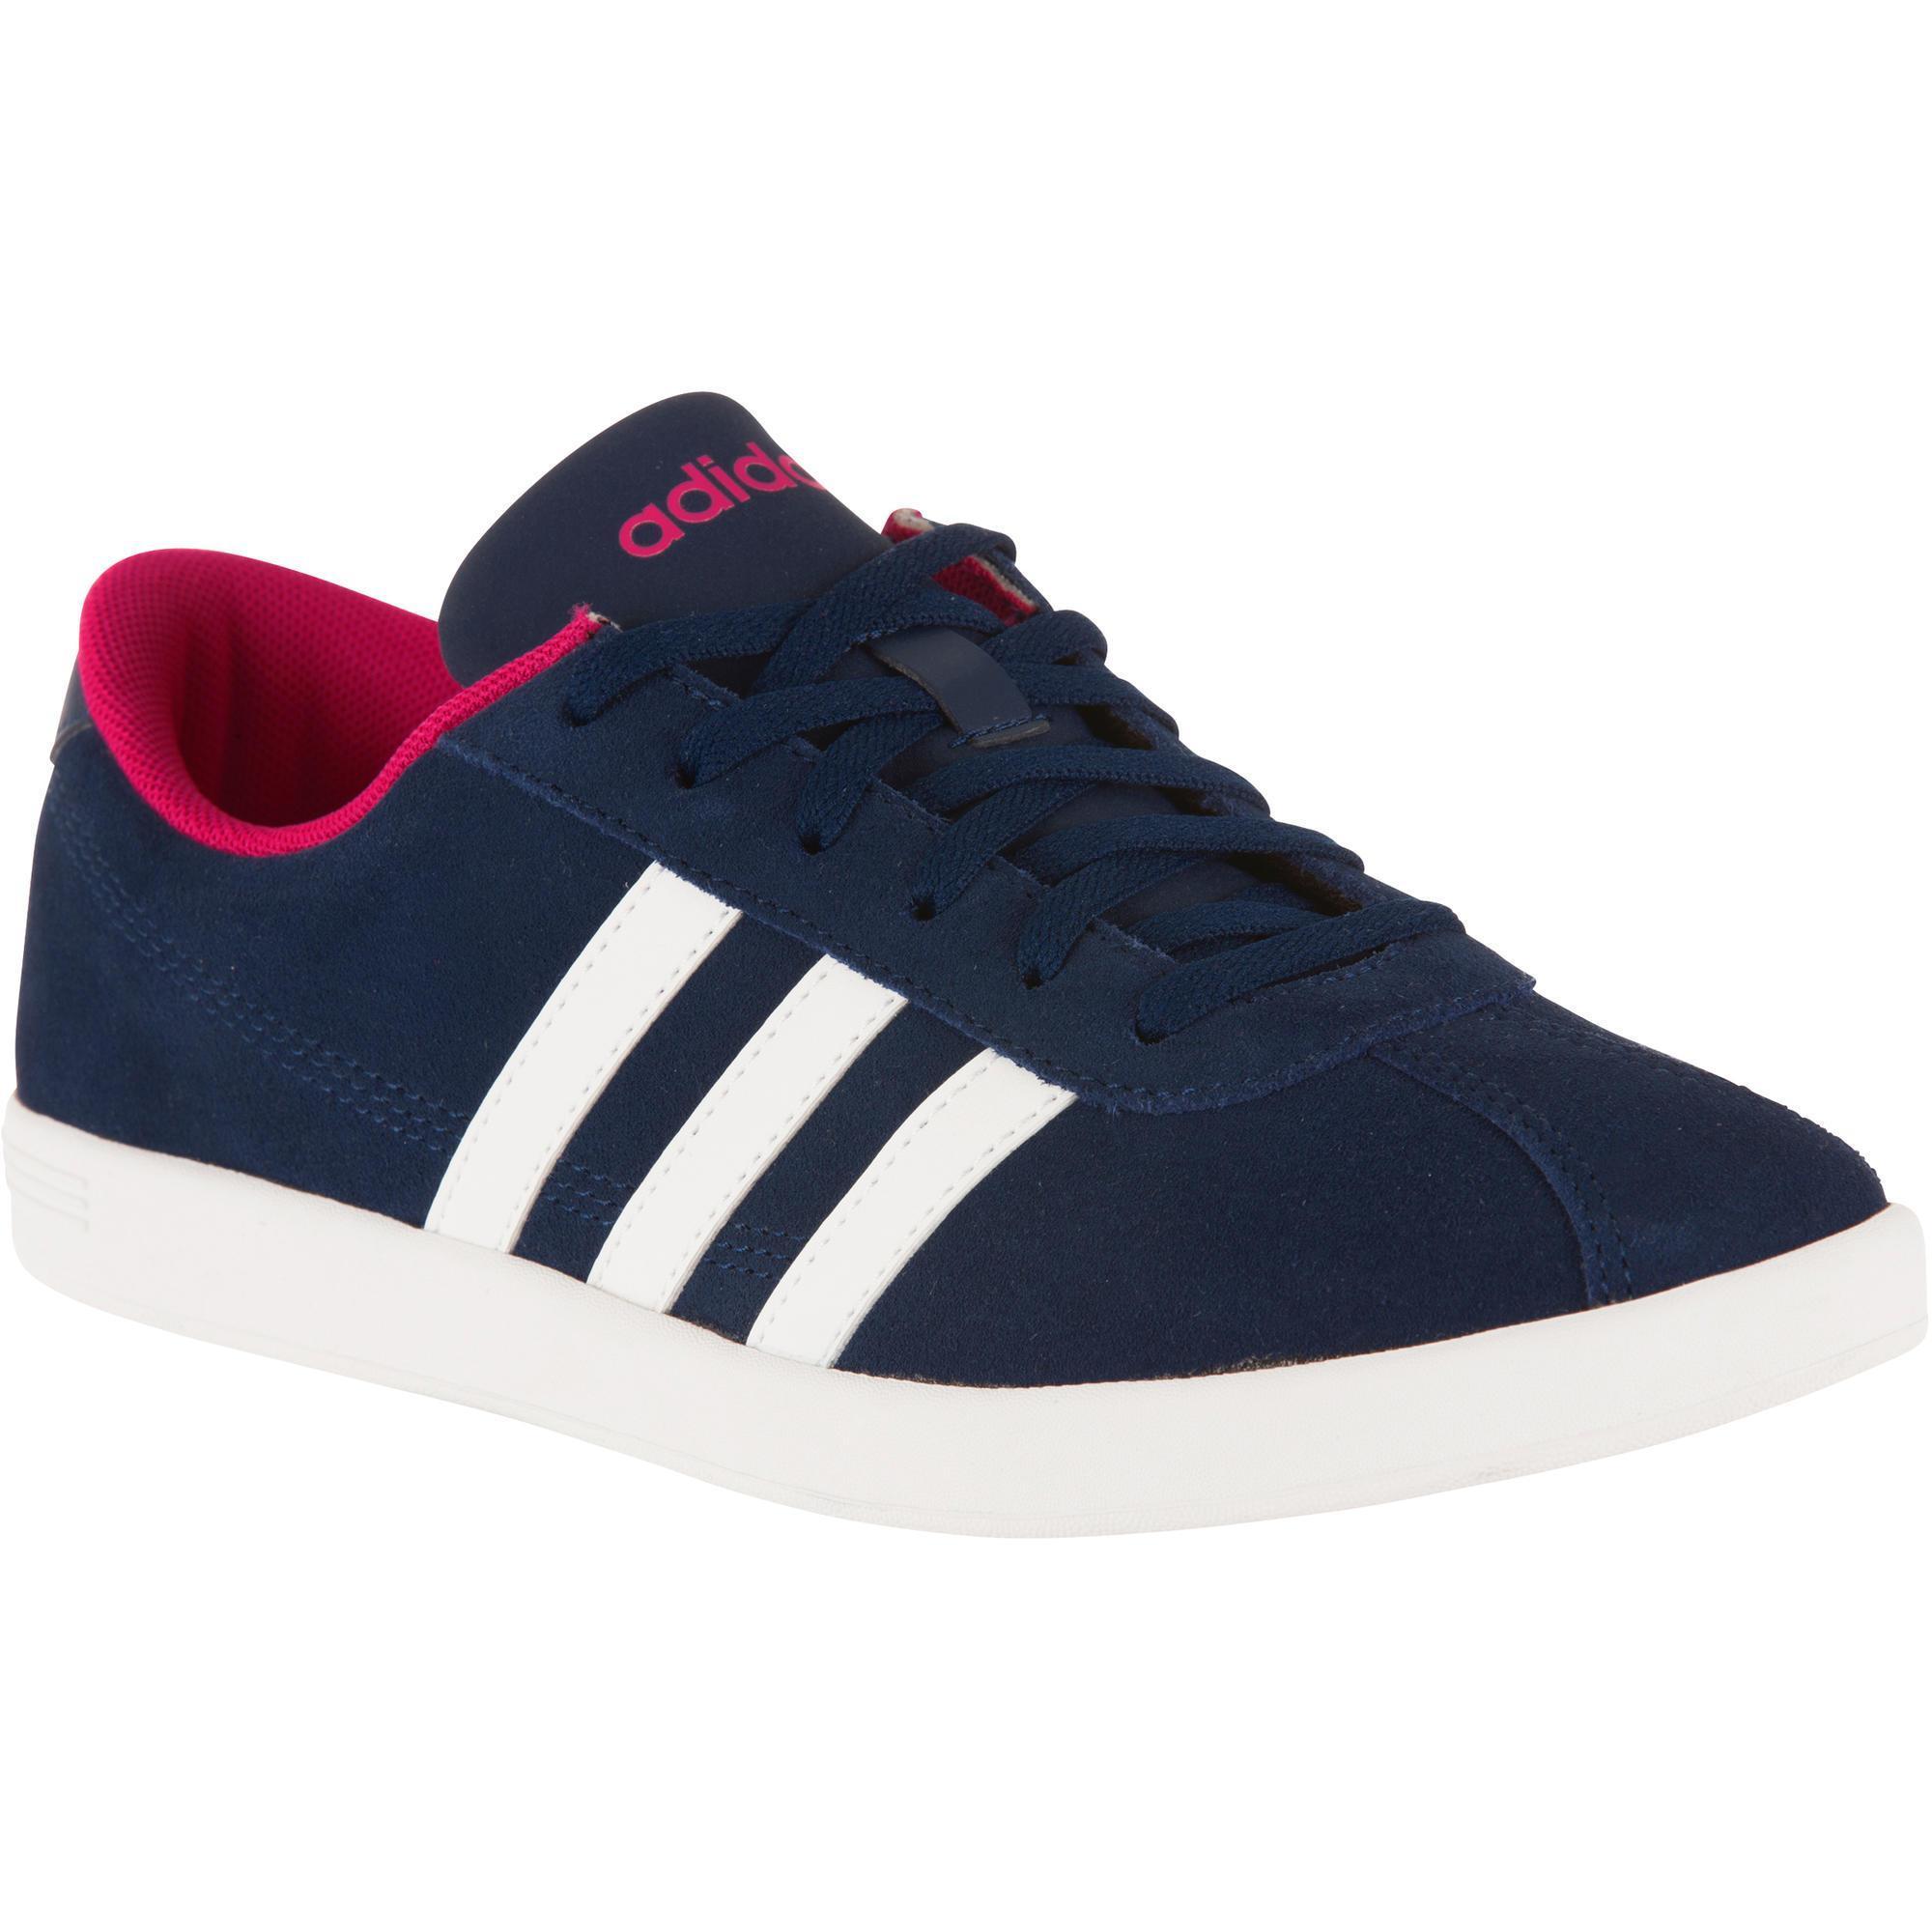 wholesale dealer 61e99 64b8a ZAPATILLAS DE TENIS MUJER VLCOURT AZUL ROSA Adidas  Decathlo